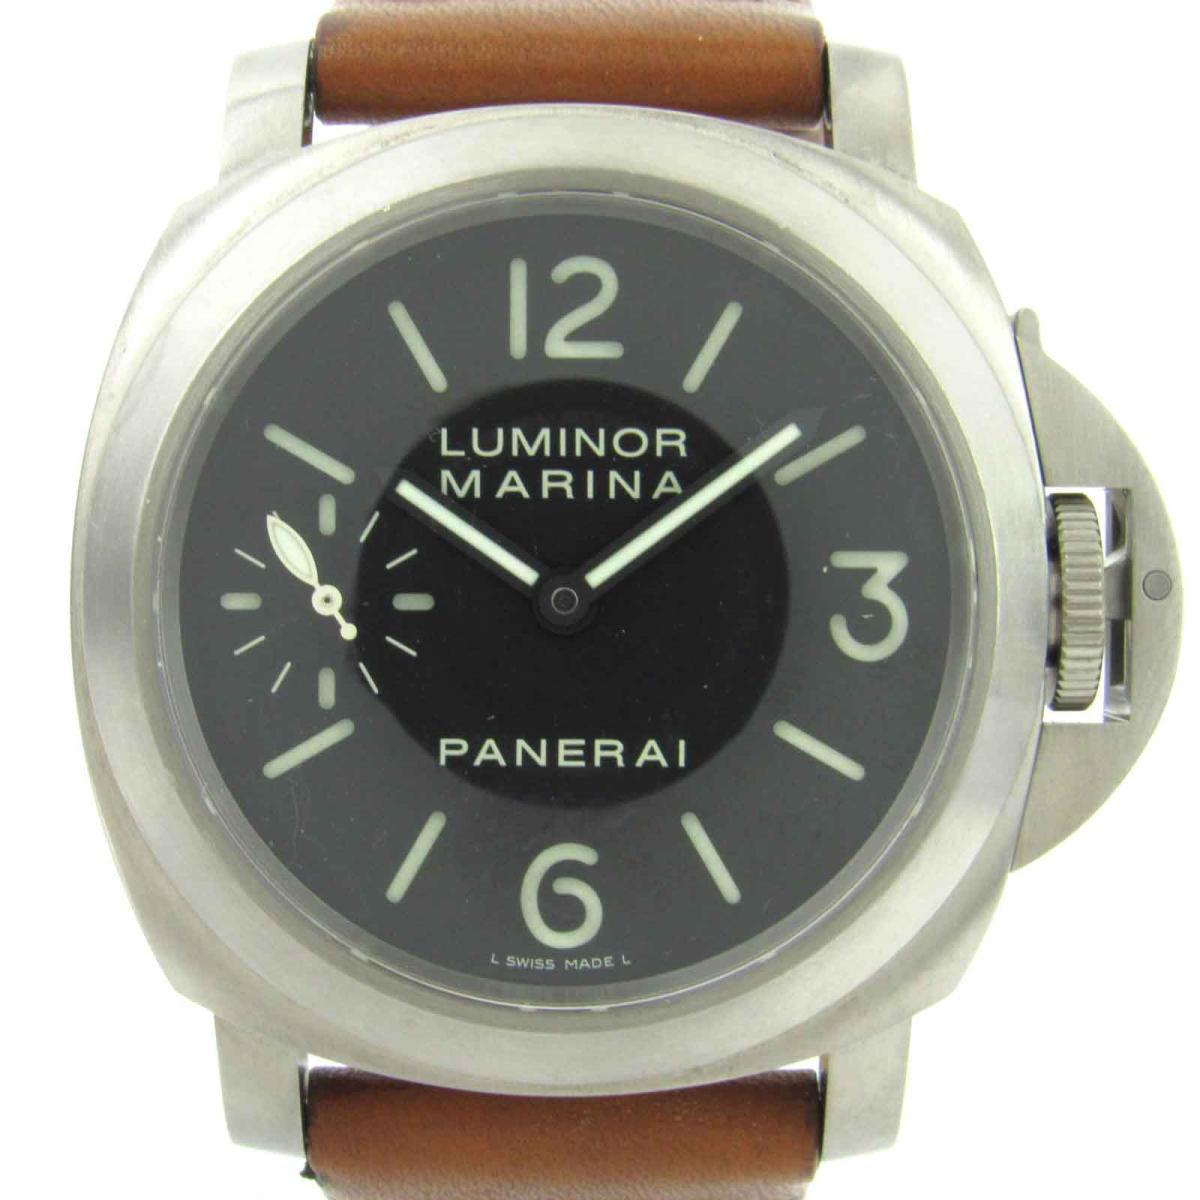 【中古】 パネライ ルミノール マリーナ ウォッチ 腕時計 メンズ レザーベルト x チタン (PAM00177)   PANERAI ルミノール マリーナ 美品 ブランドオフ